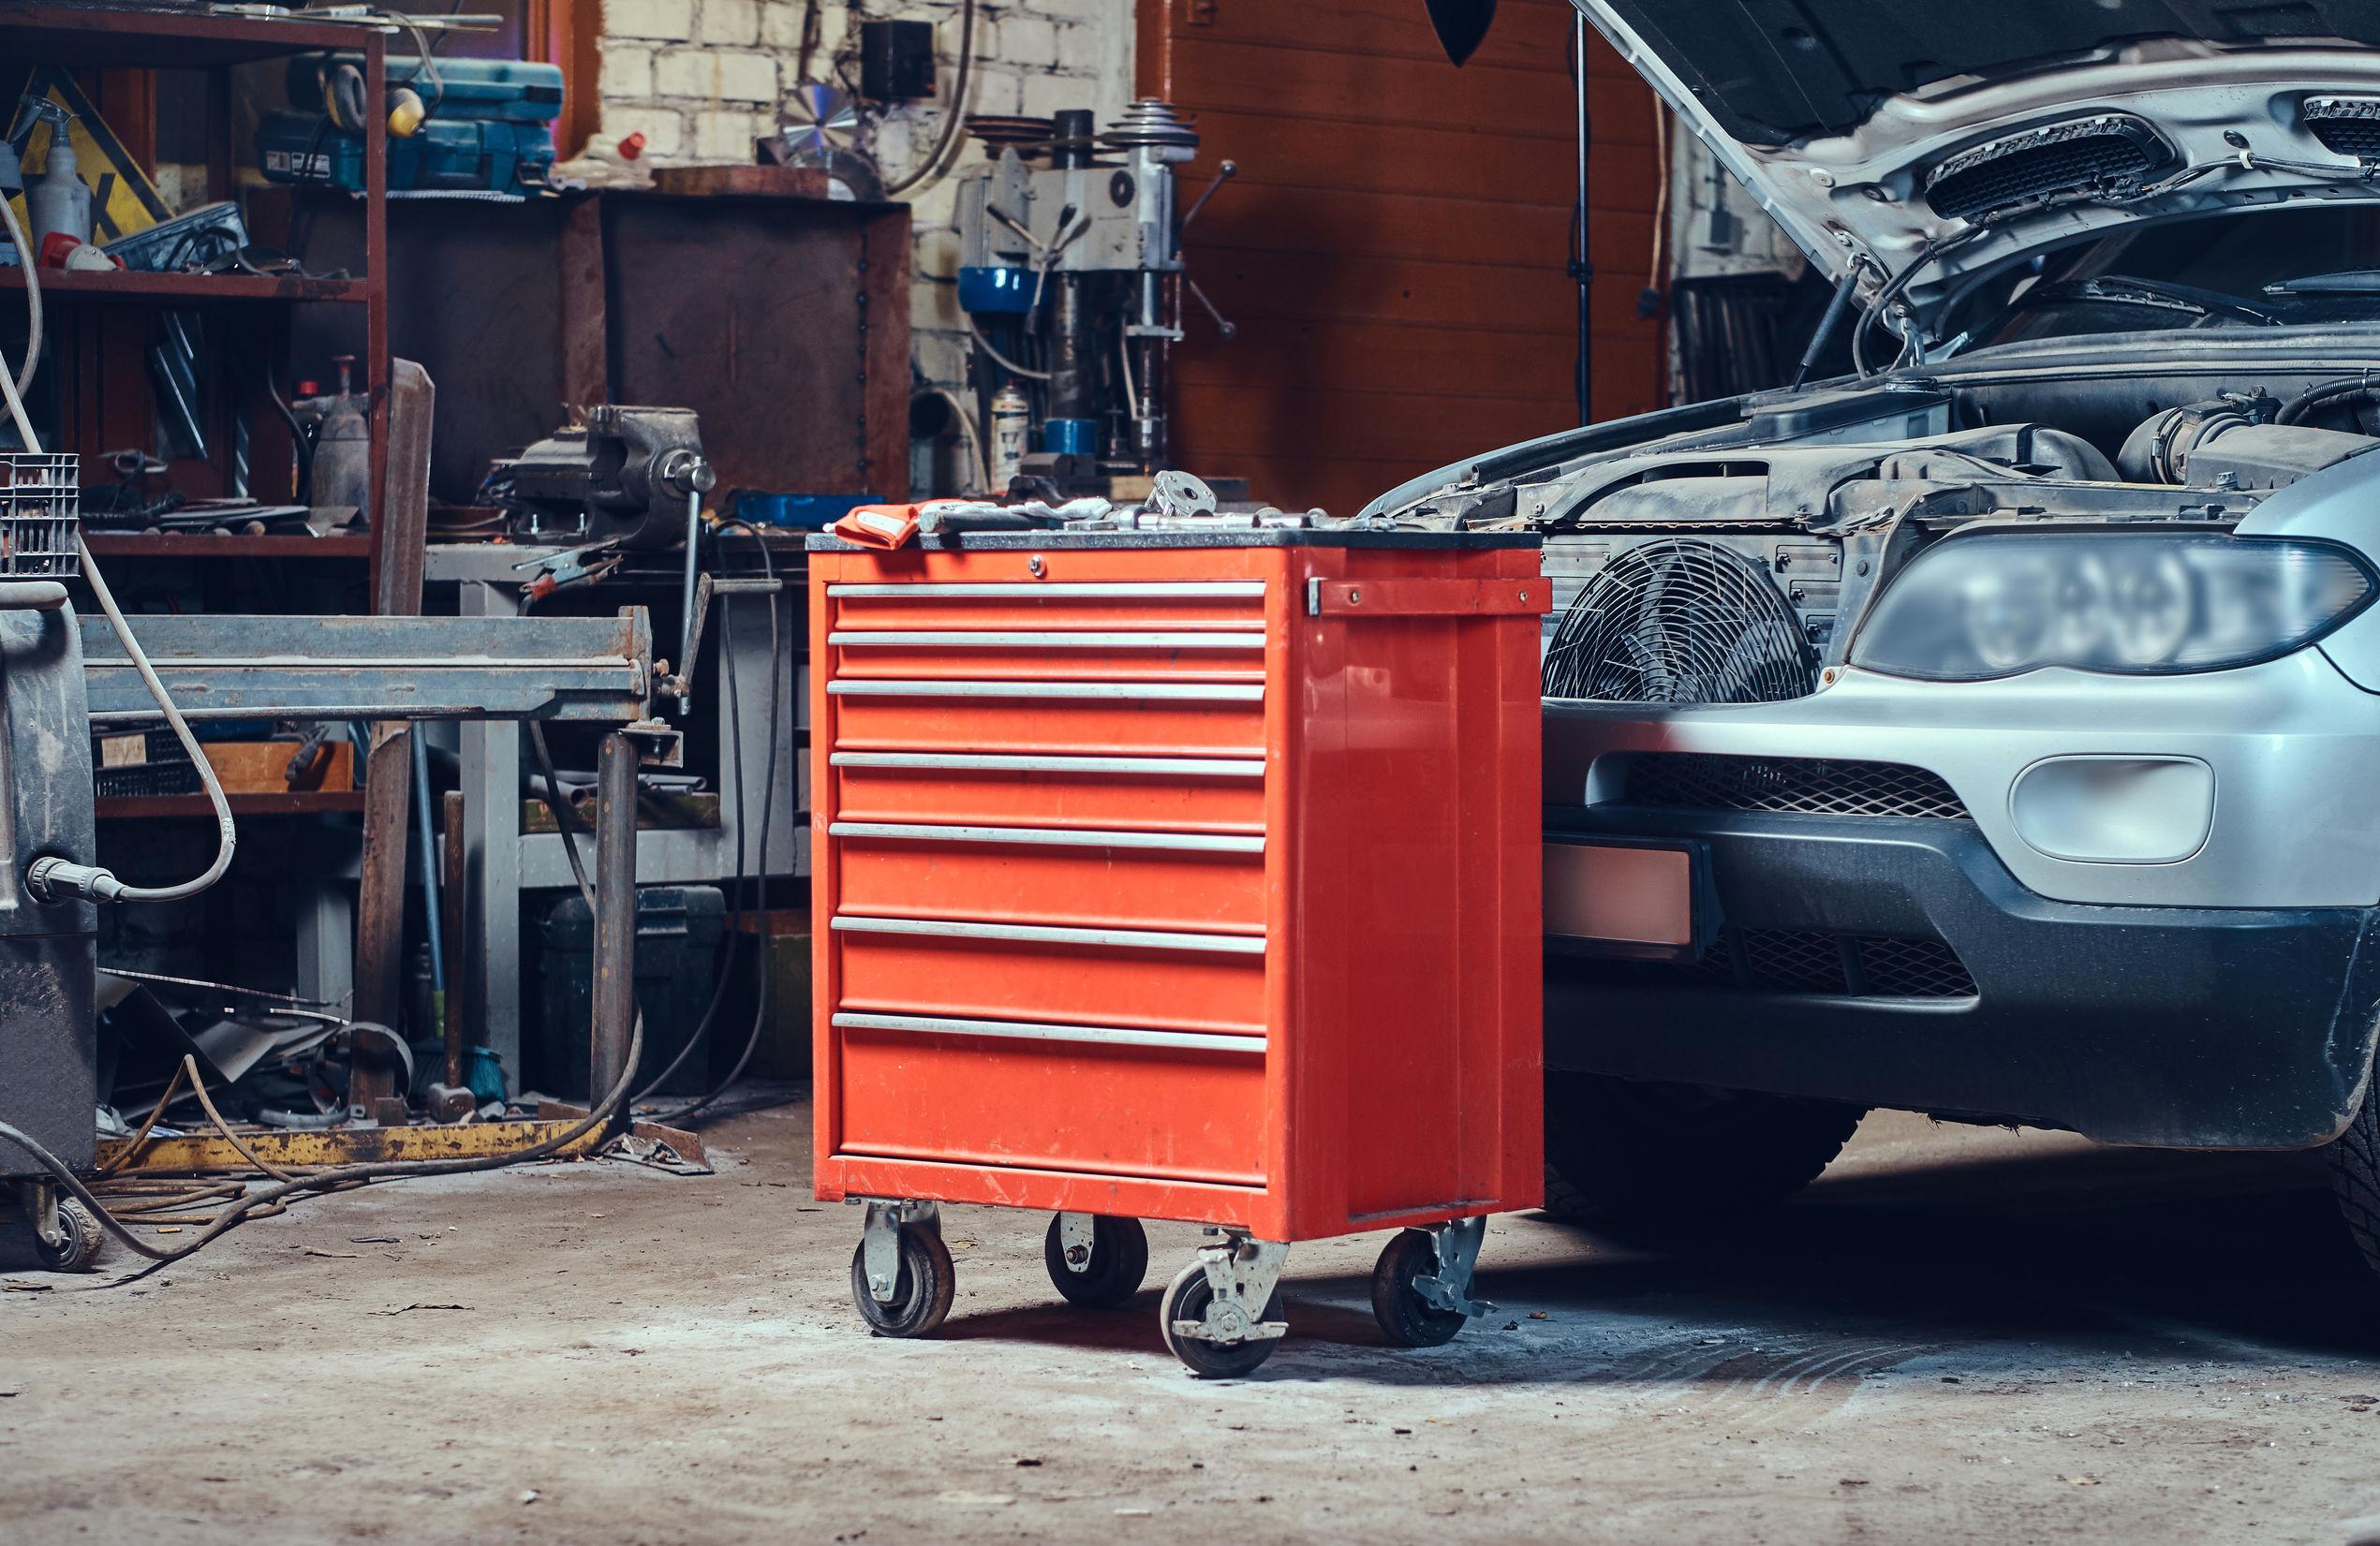 Imagem mostra uma caixa de ferramentas com rodas em uma garagem em frente a um carro.